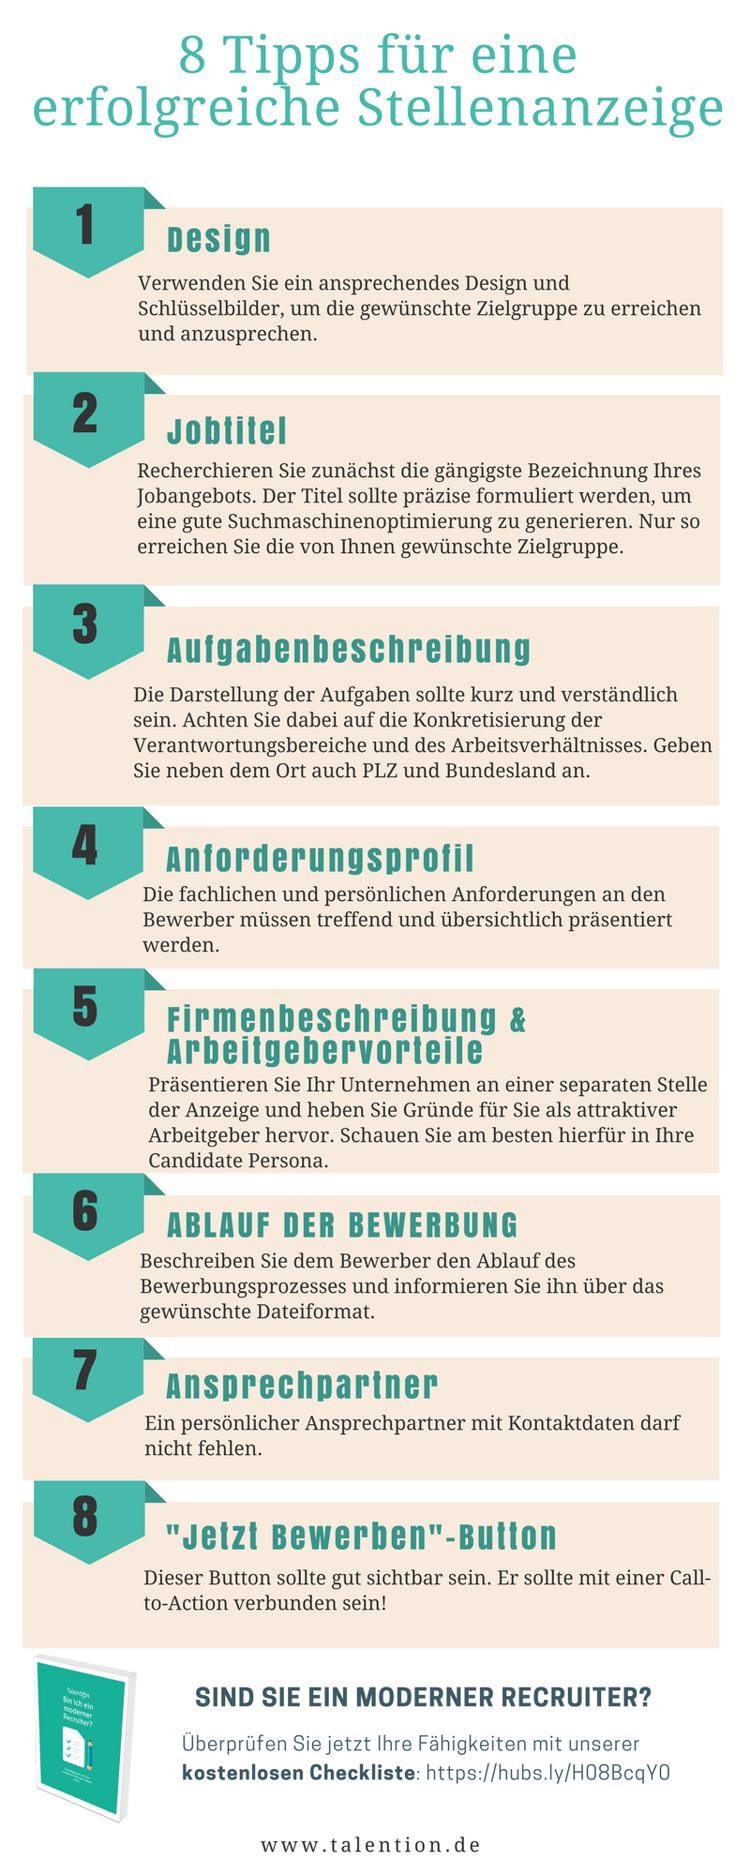 Infografik - 8 Tipps für eine erfolgreiche Stellenanzeige.png